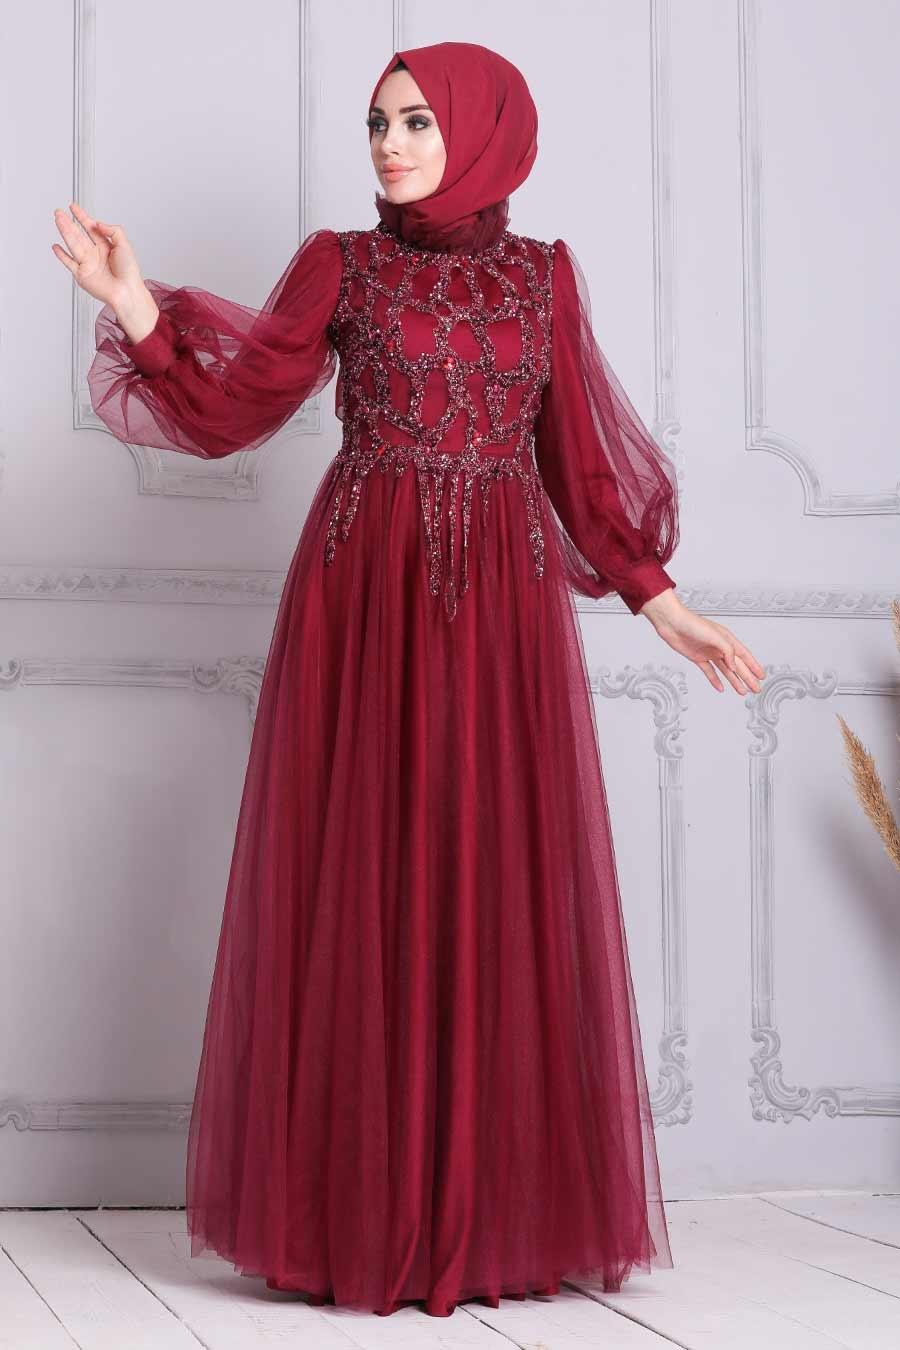 Tesettürlü Abiye Elbise - Tüllü Bordo Tesettür Abiye Elbise 4093BR